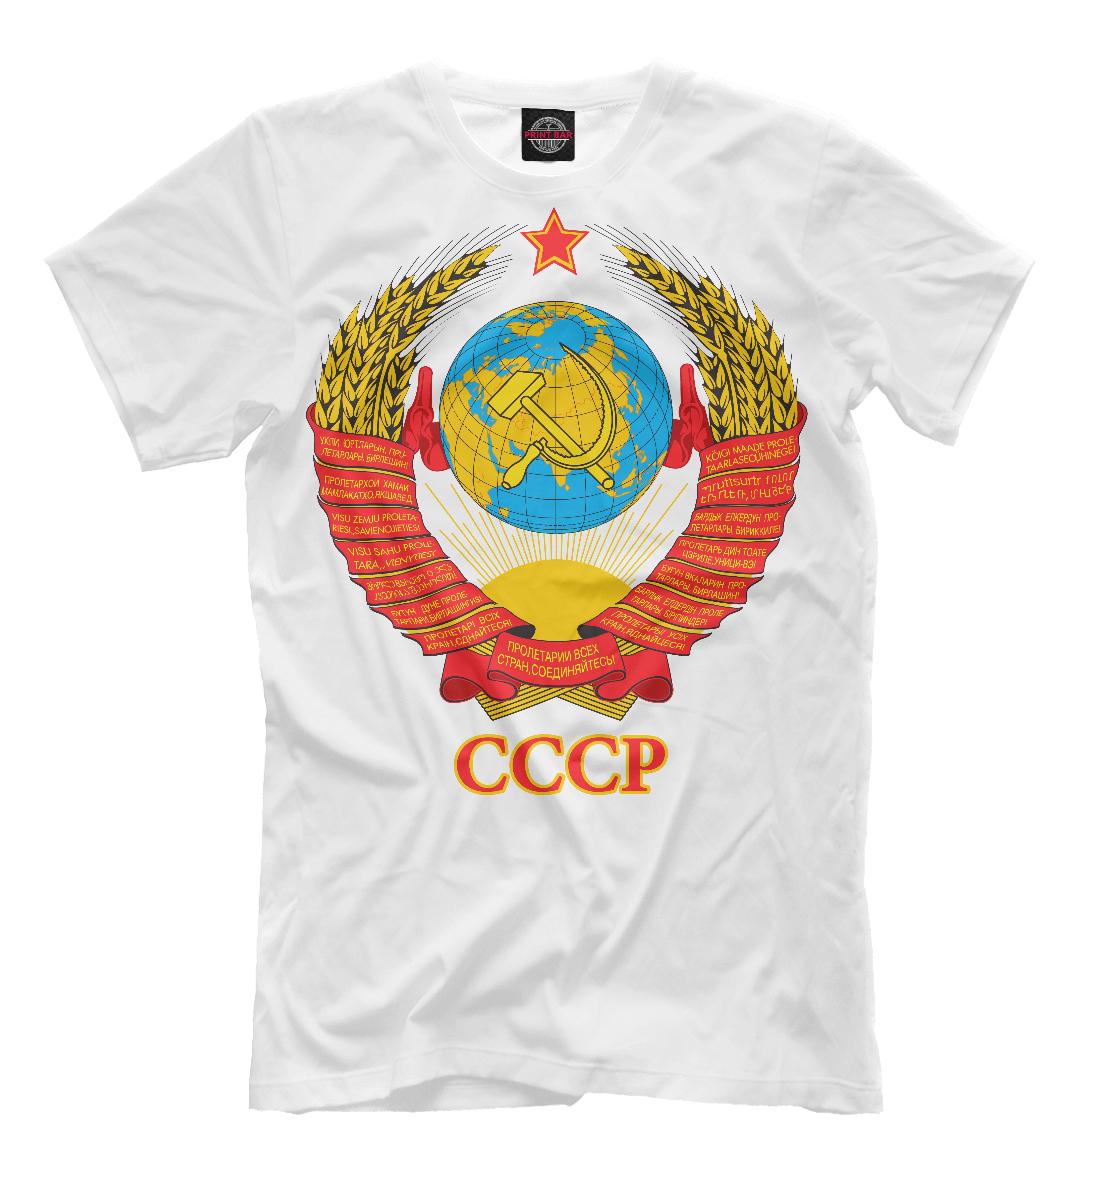 Купить Герб СССР, Printbar, Футболки, SSS-981363-fut-2